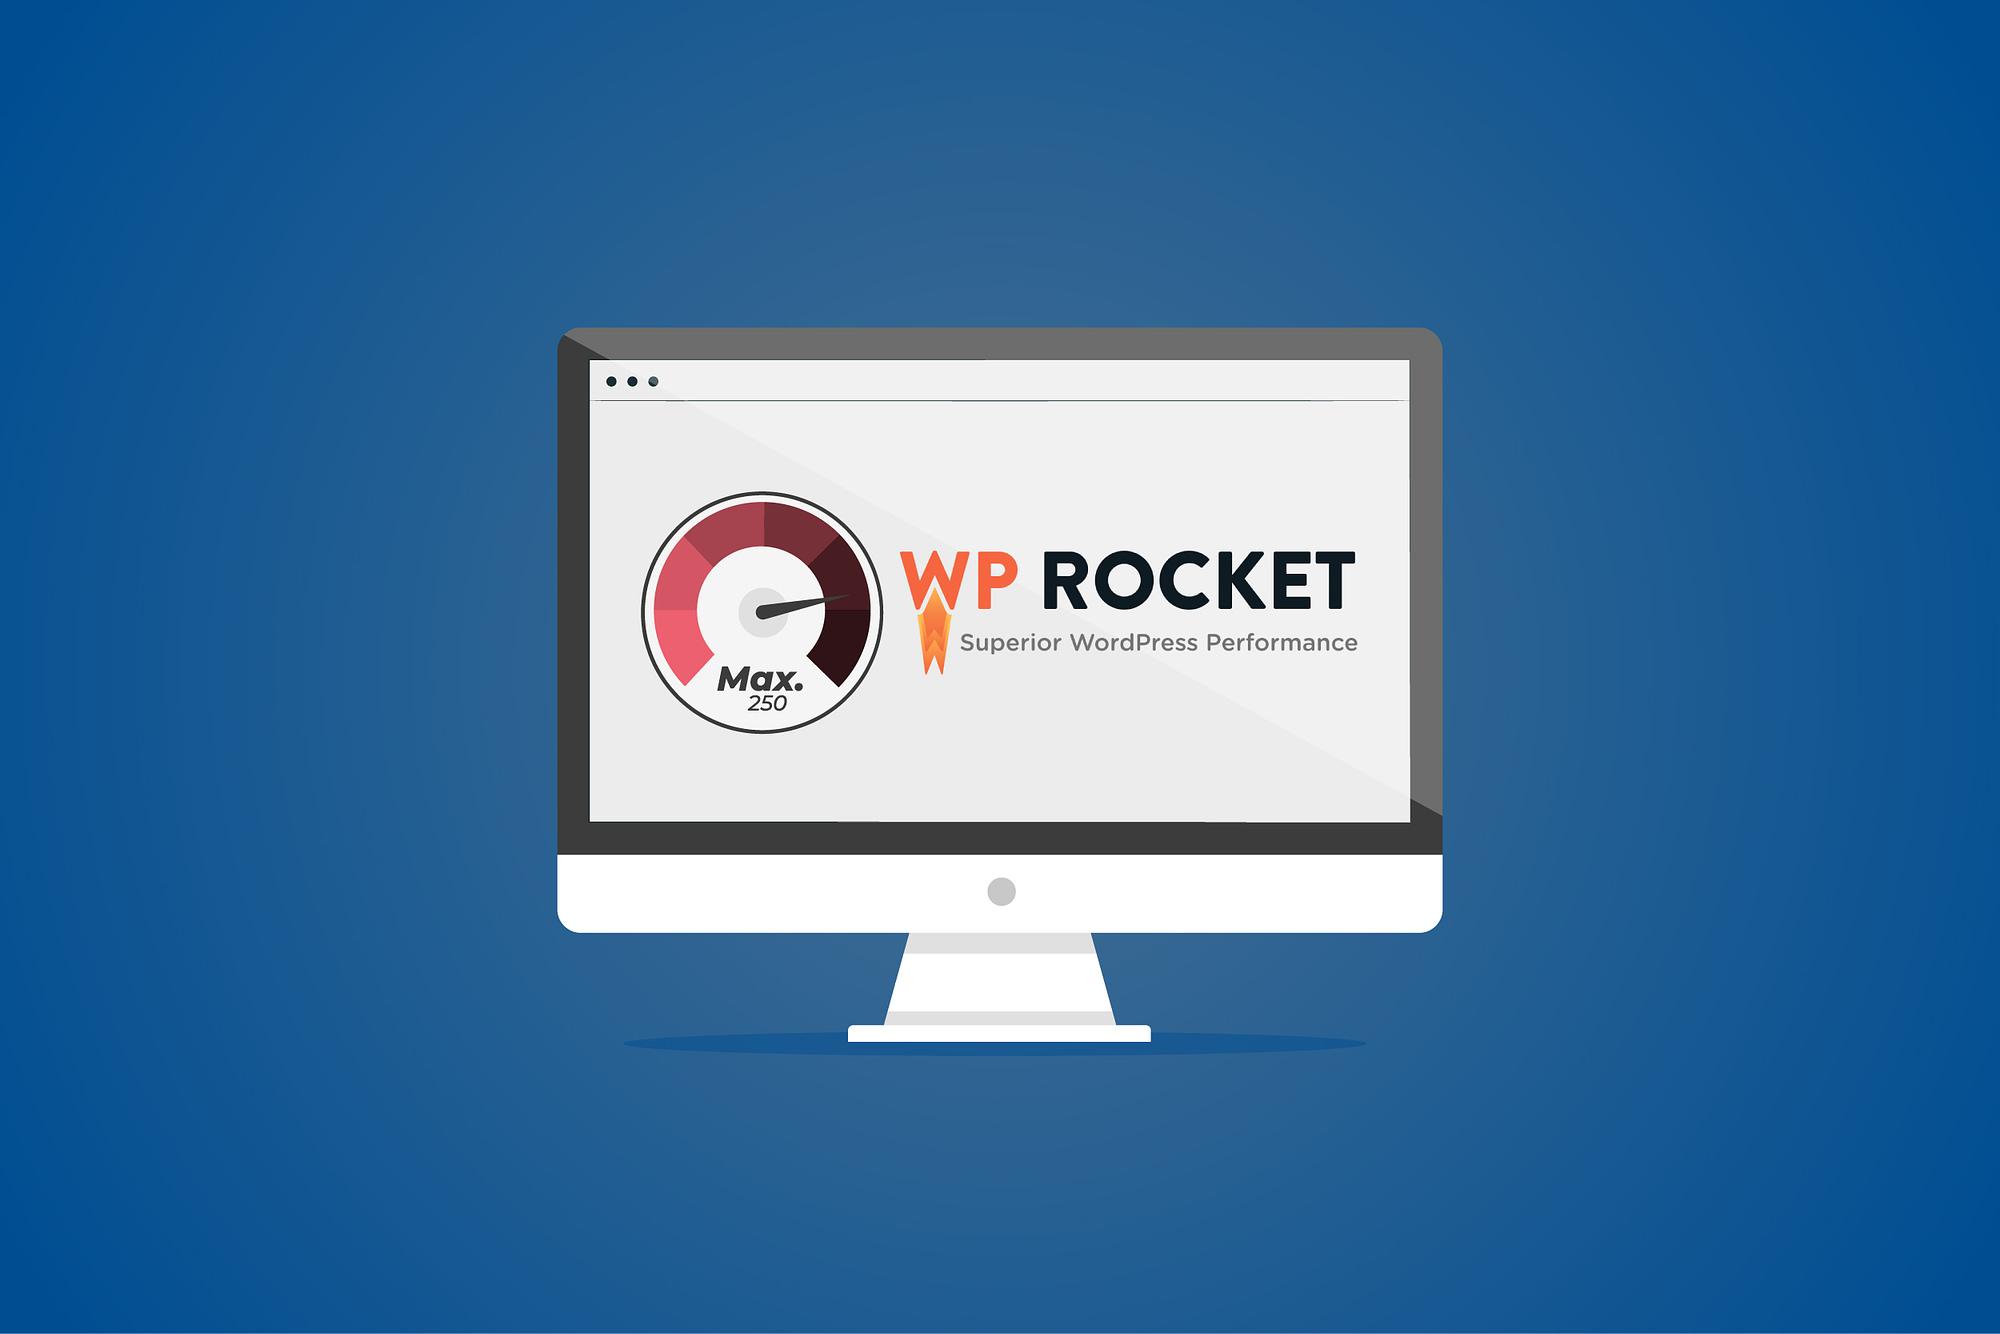 Maak je Wordpress website sneller met WP Rocket